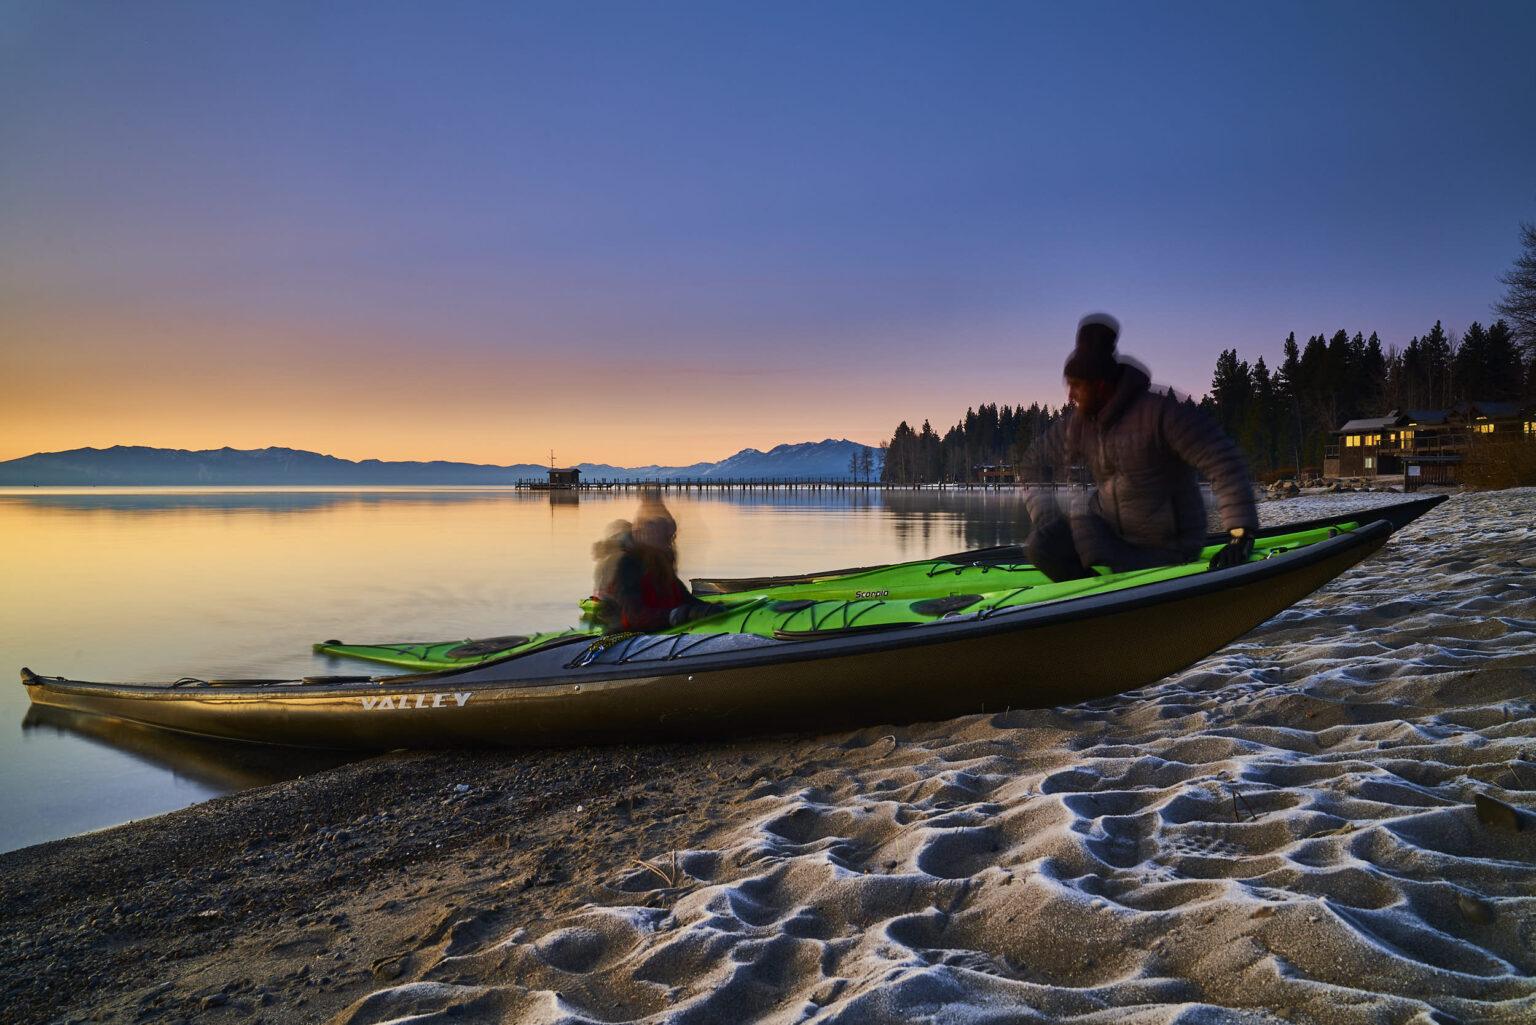 Launching kayaks into Lake Tahoe at dawn